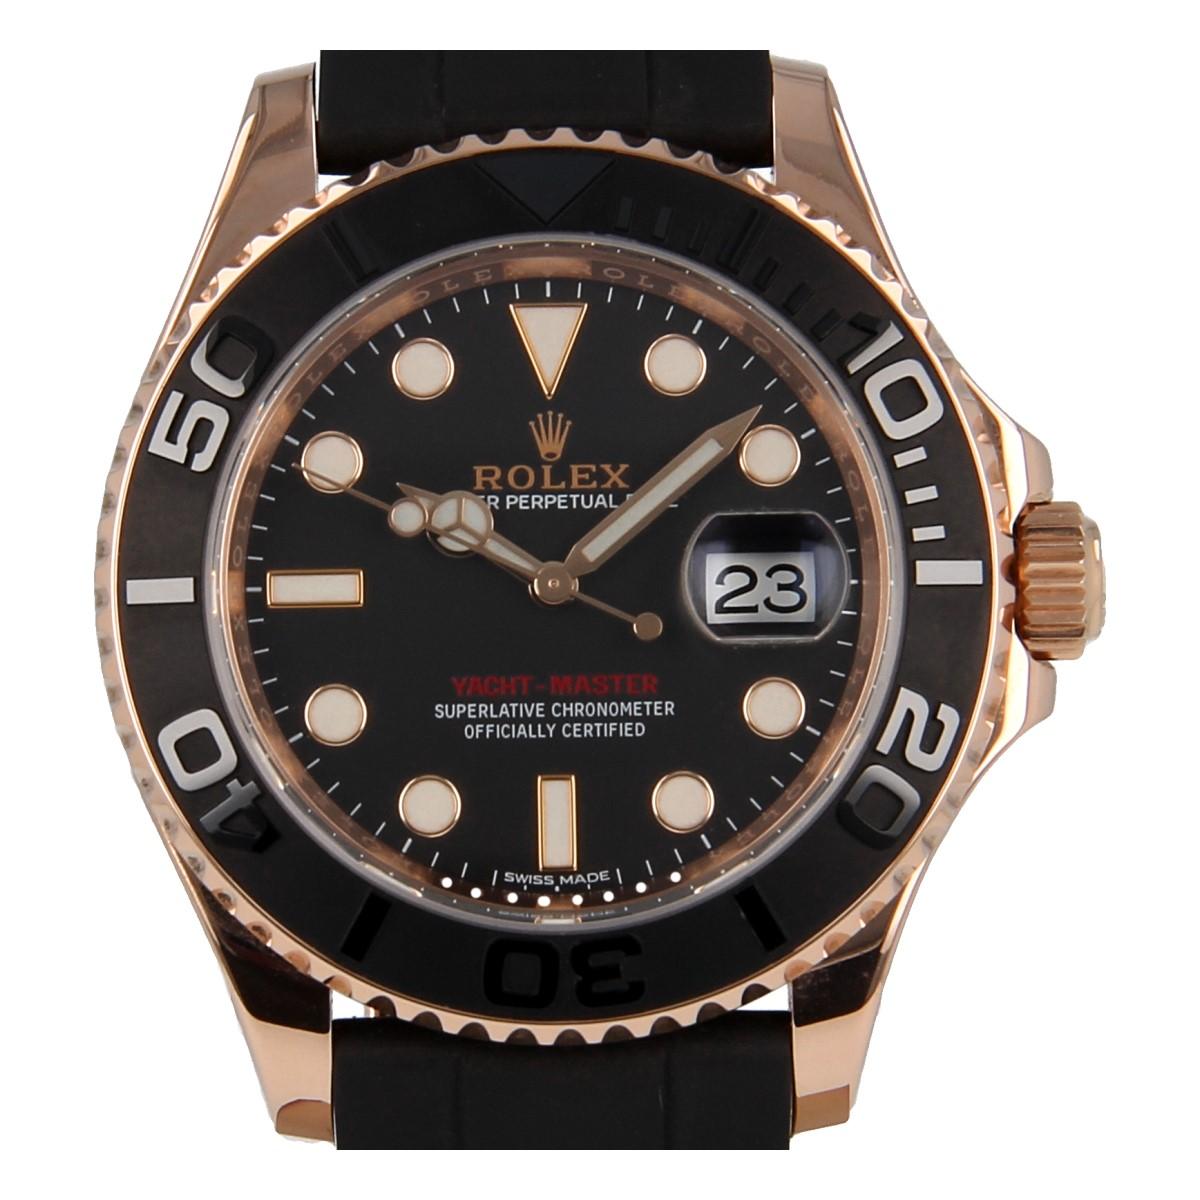 miglior servizio 45ac6 44ef6 Rolex Yacht-Master 116655 Everose Gold Oysterflex